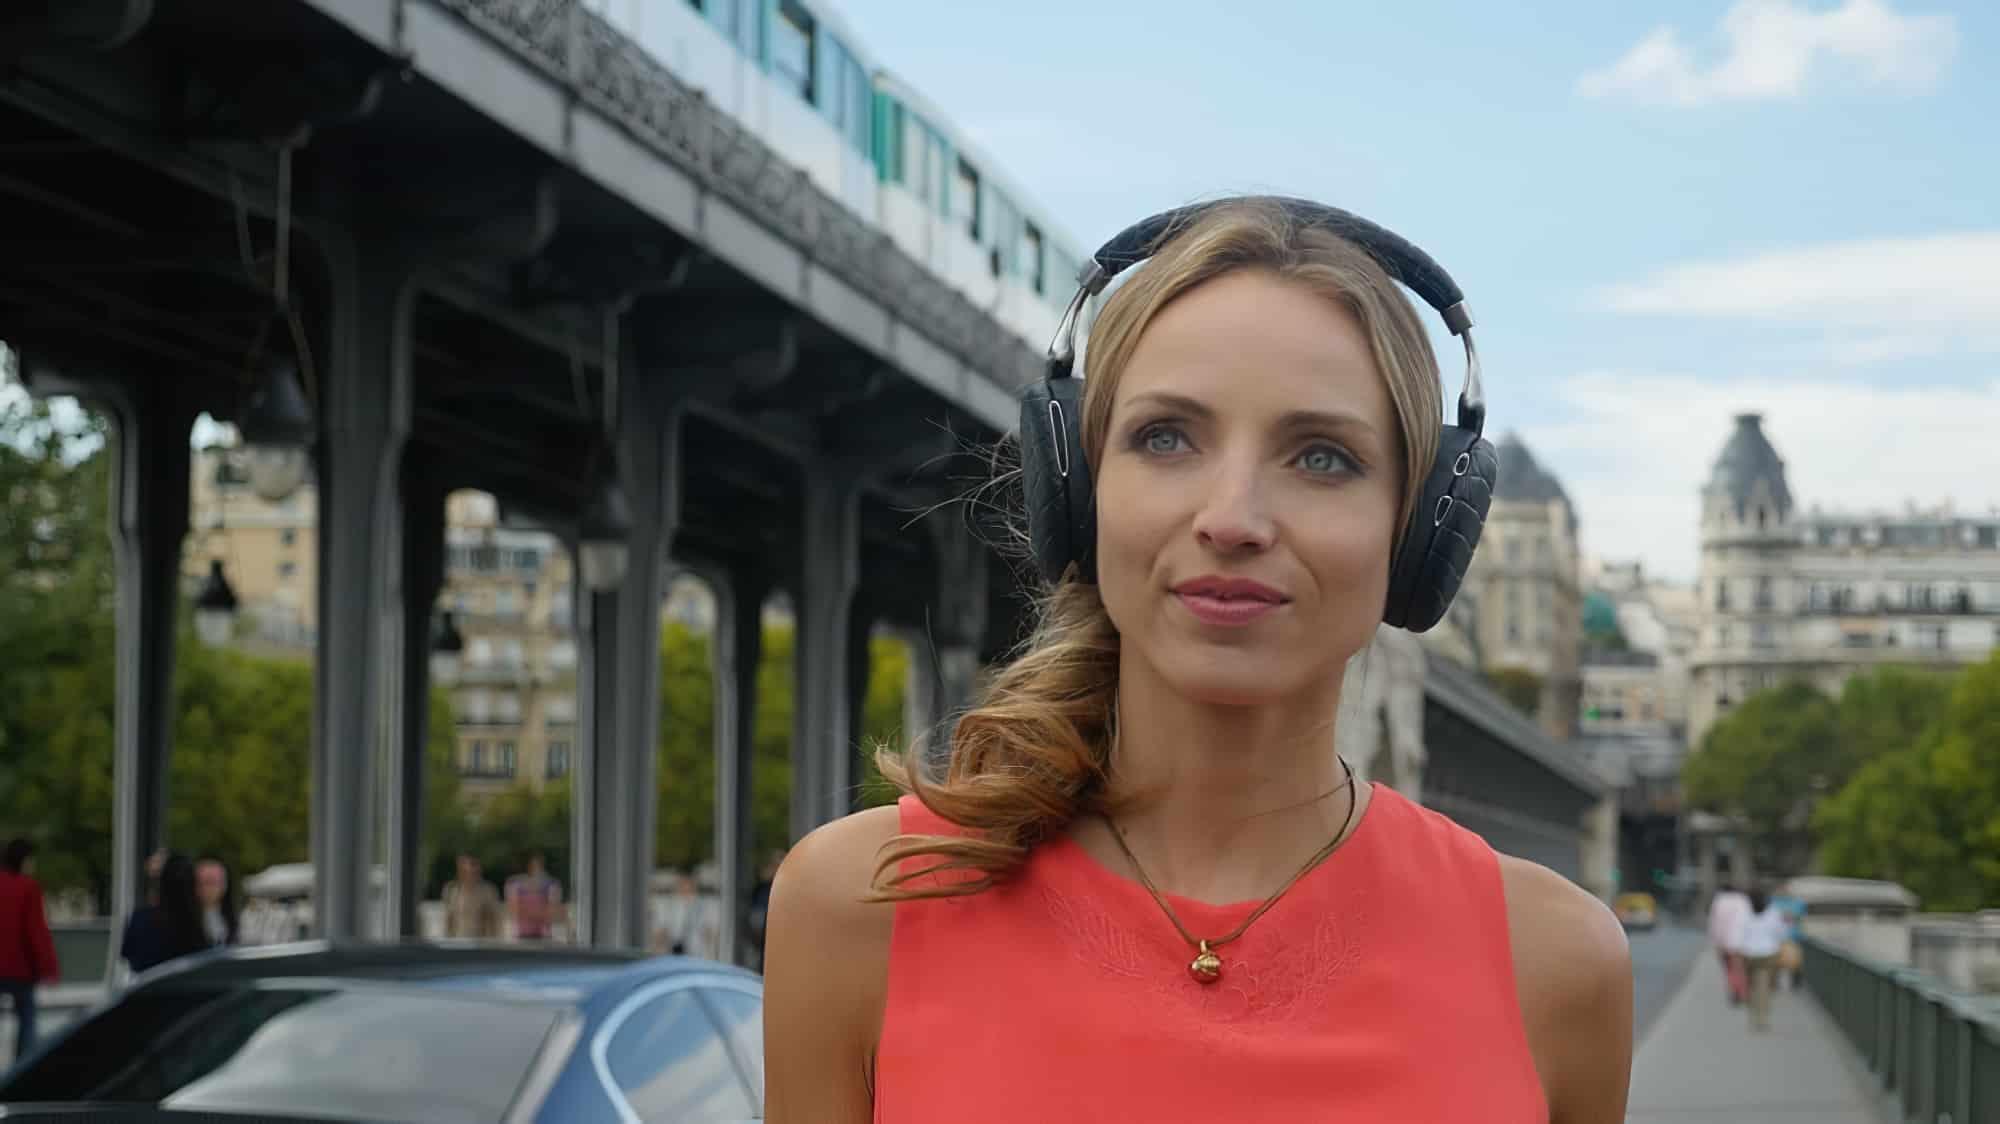 Les 8 meilleurs casques anti-bruit pour voyager au calme